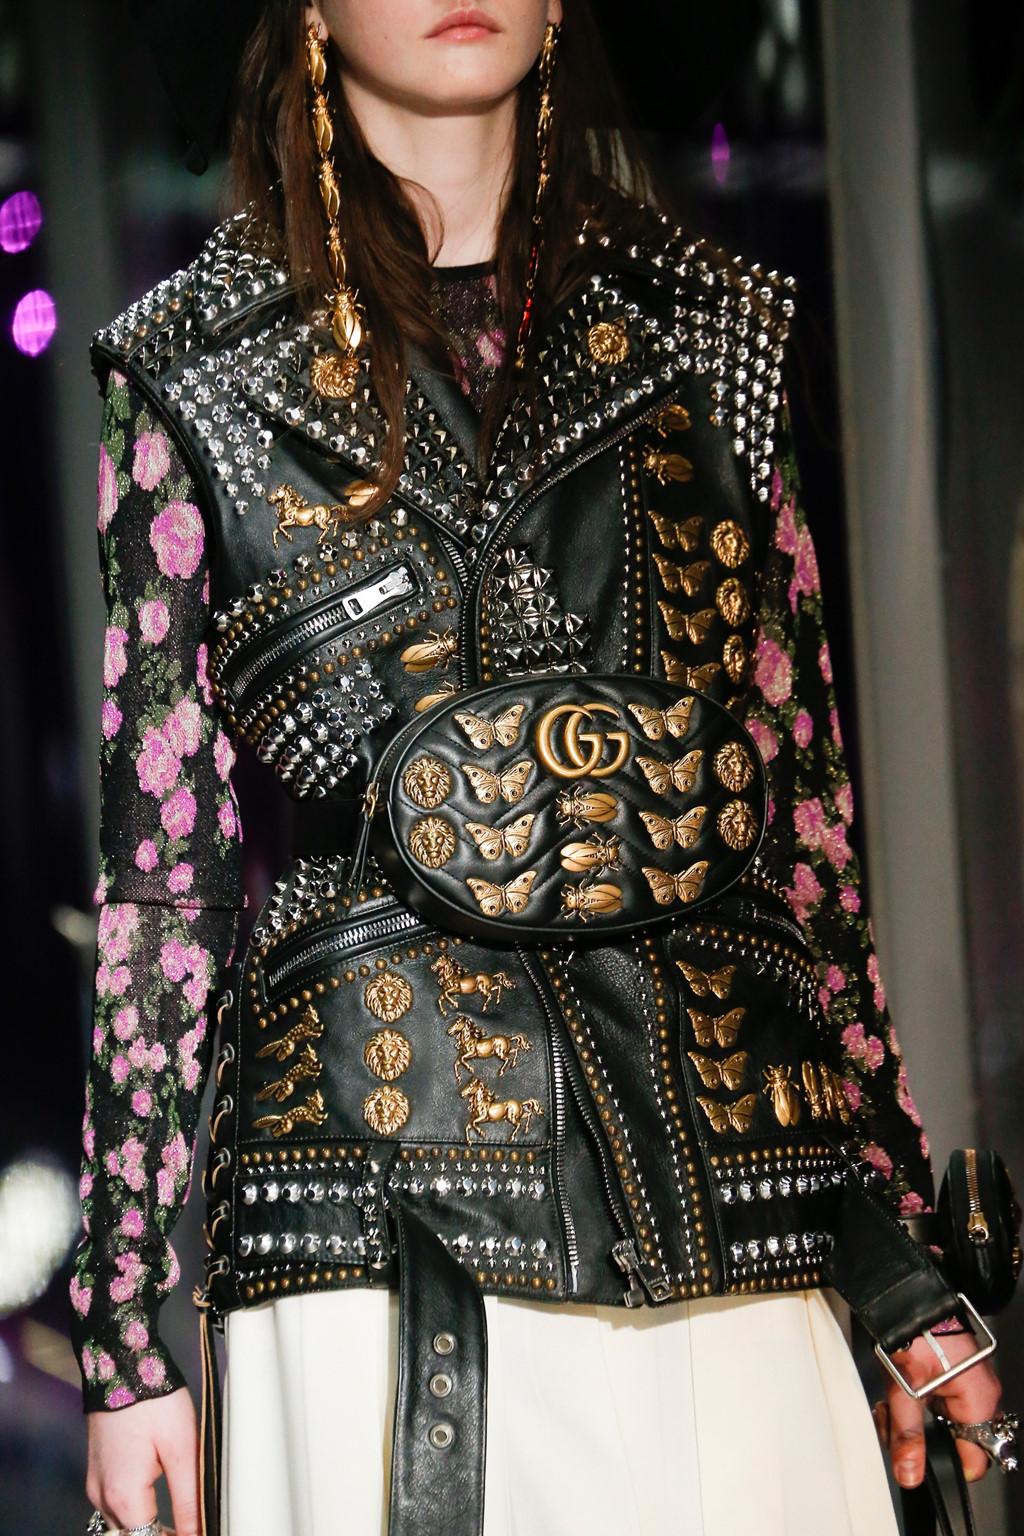 Mẫu thắt lưng túi xách được tín đồ thời trang lăng xê